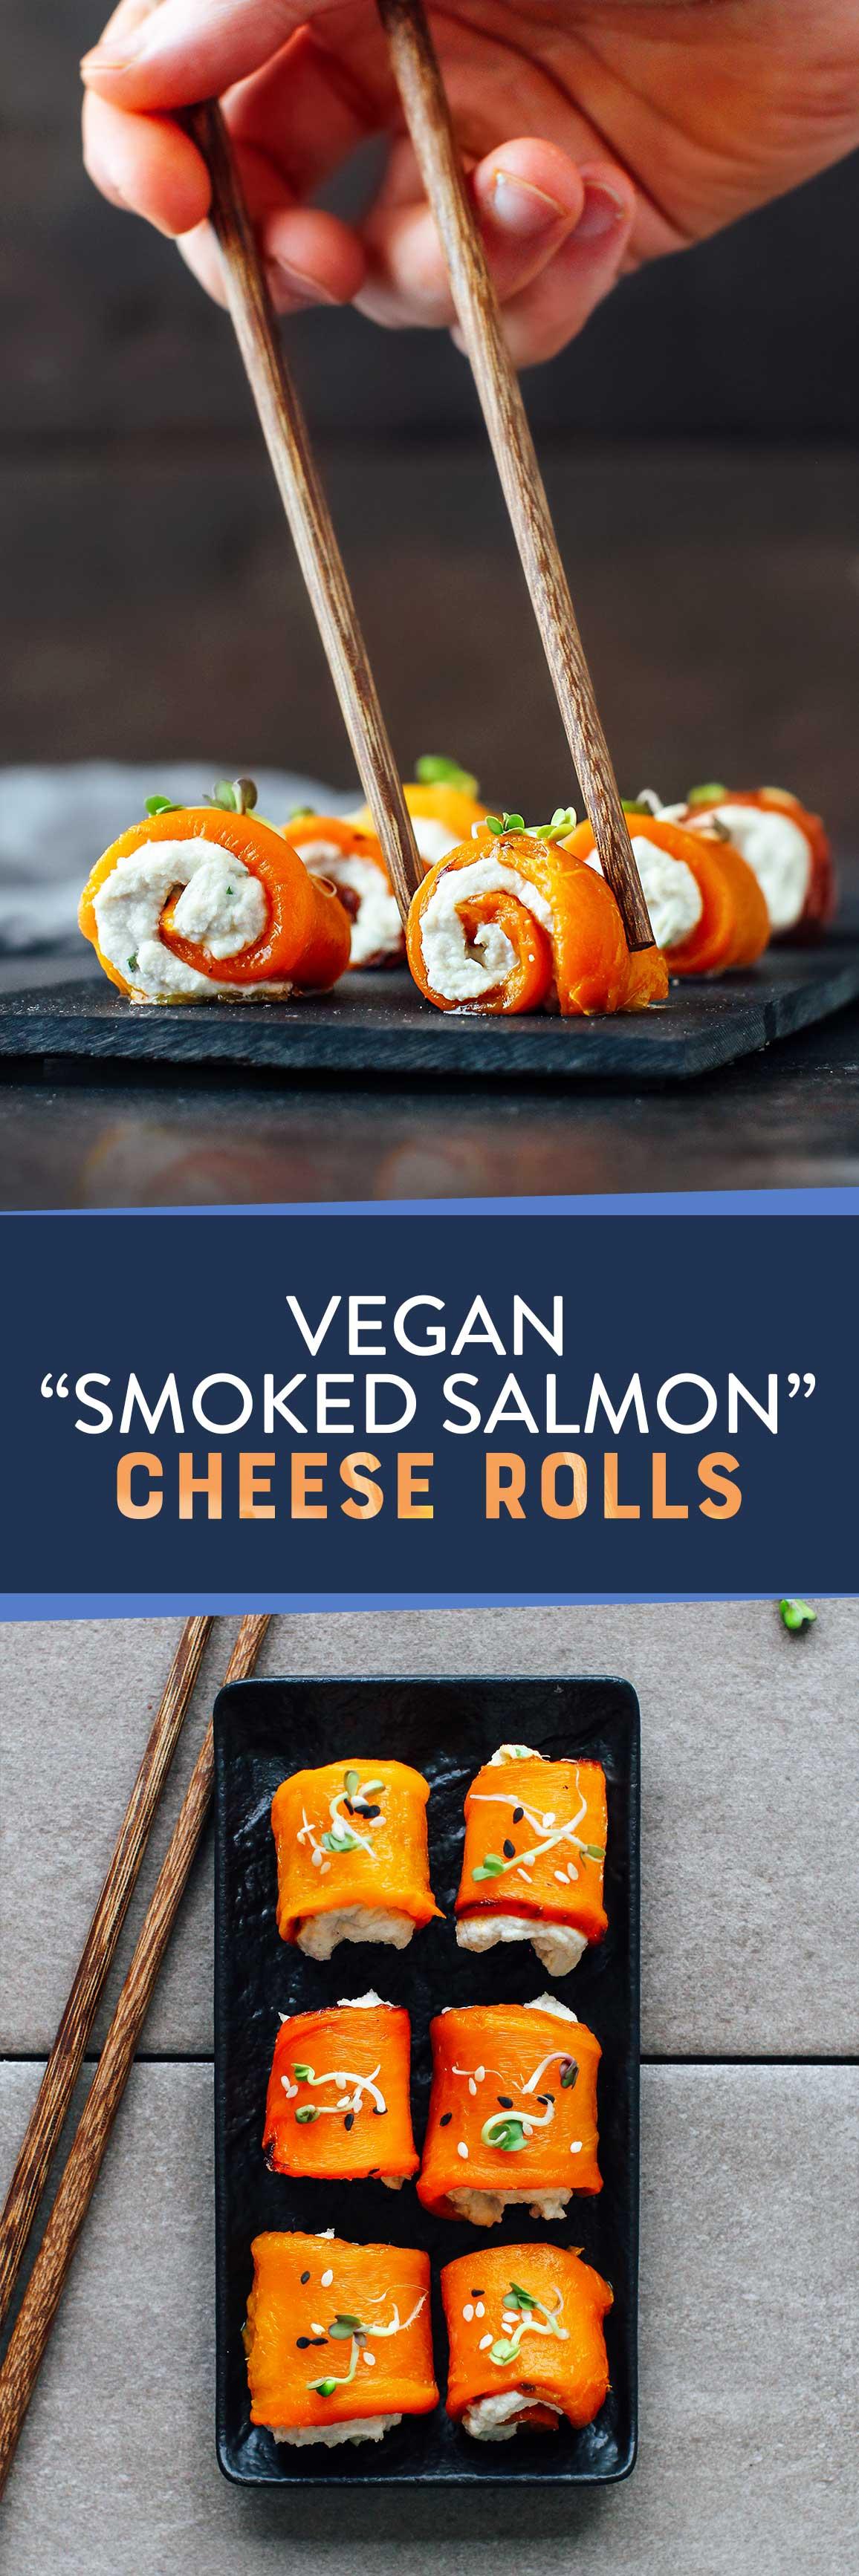 """Vegan Smoked """"Salmon"""" Cheese Rolls"""